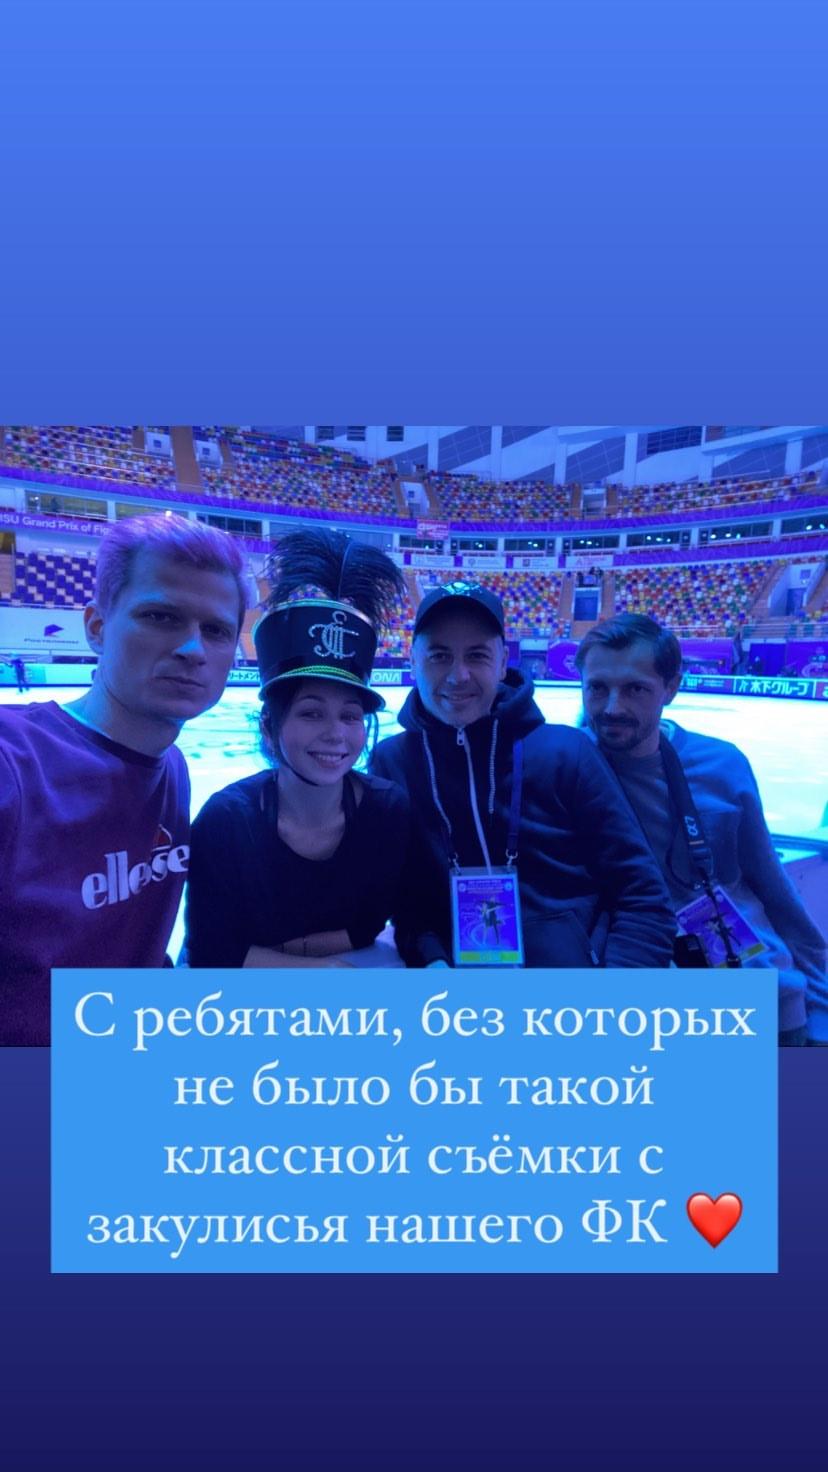 https://i4.imageban.ru/out/2020/11/22/aacc786e029bf5f1cc6aea8b6a6476ab.jpg